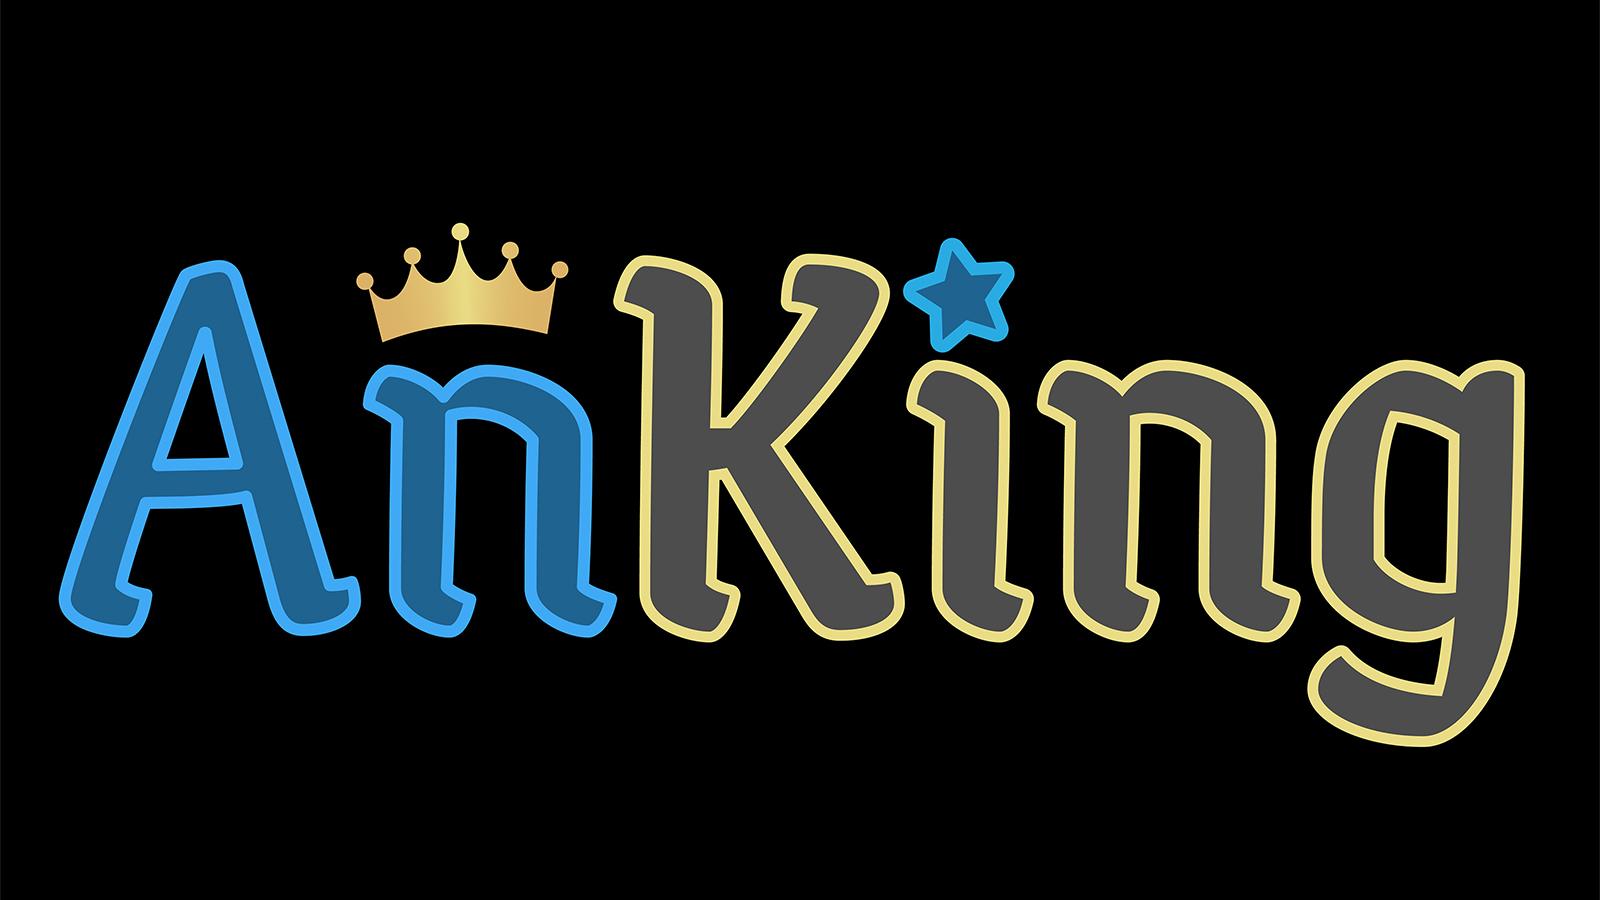 The AnKing logo. Courtesy image